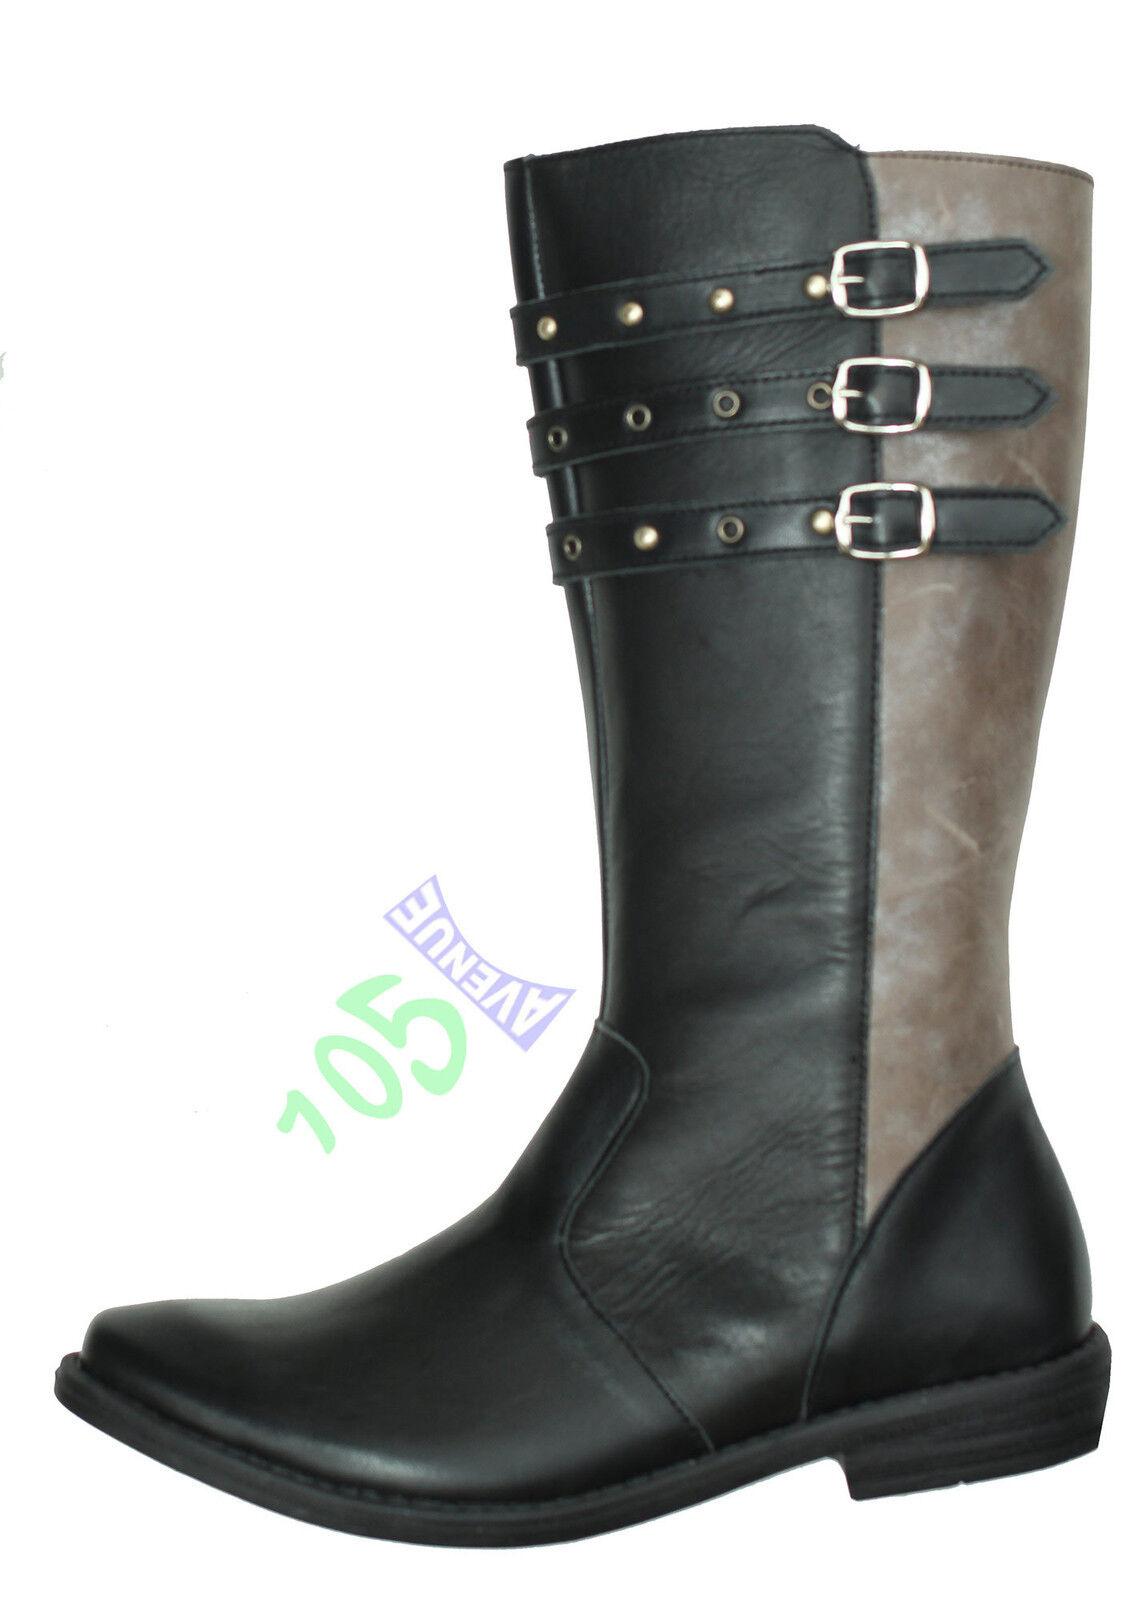 NEUF @@  SUPERBES botas botas botas CUIR + MINIBEL Halida + 29 30 34 35 36 37 ou 38  presentando toda la última moda de la calle